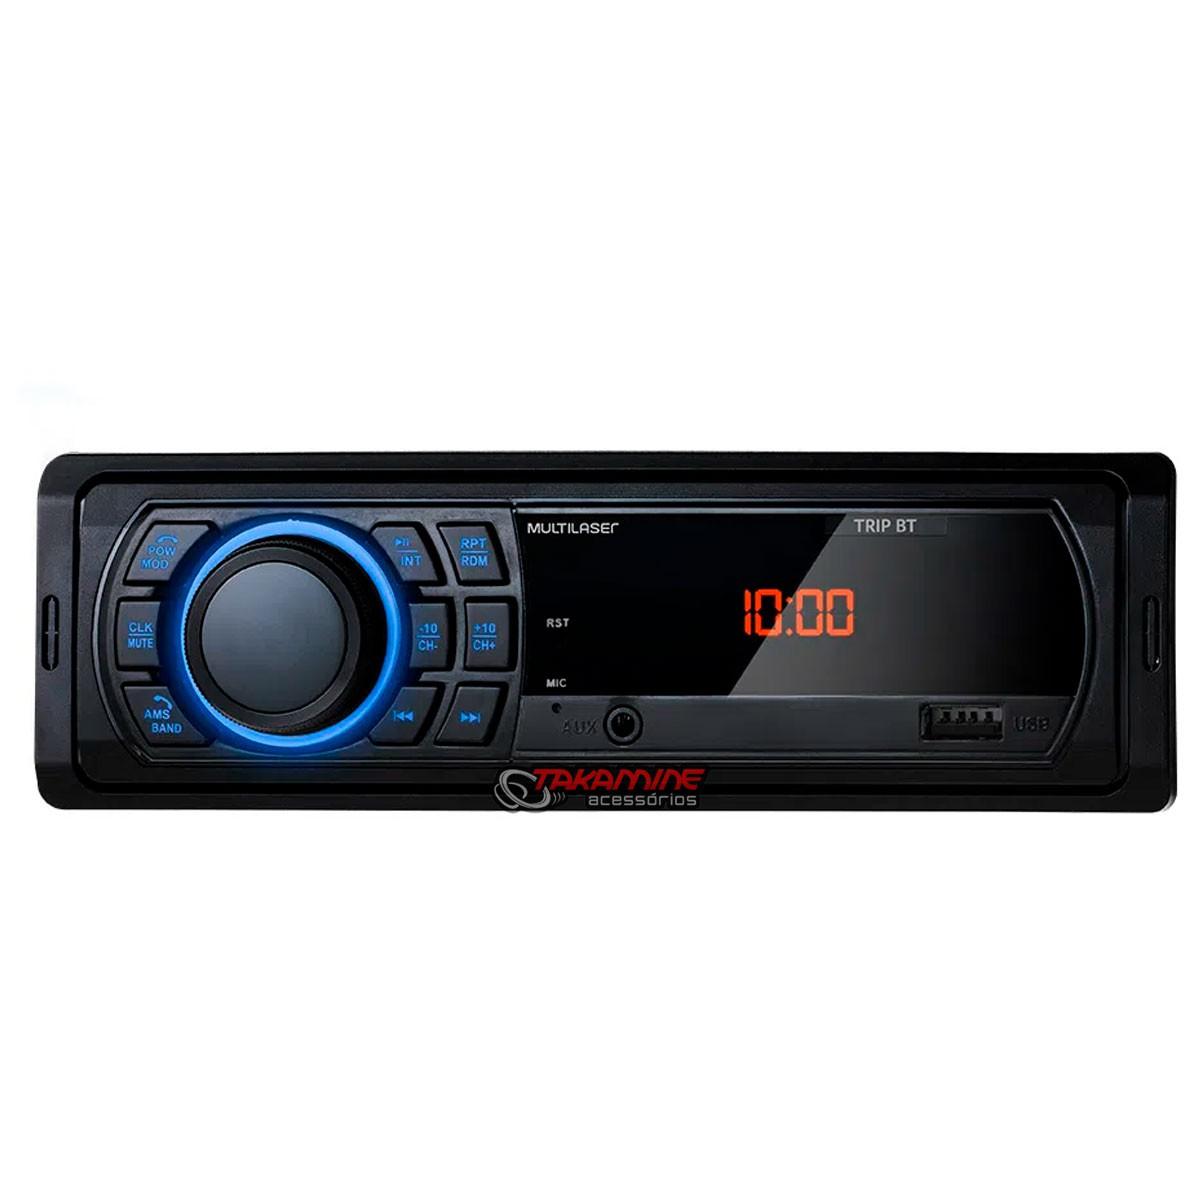 MP3 som automotivo Multilaser Trip BT